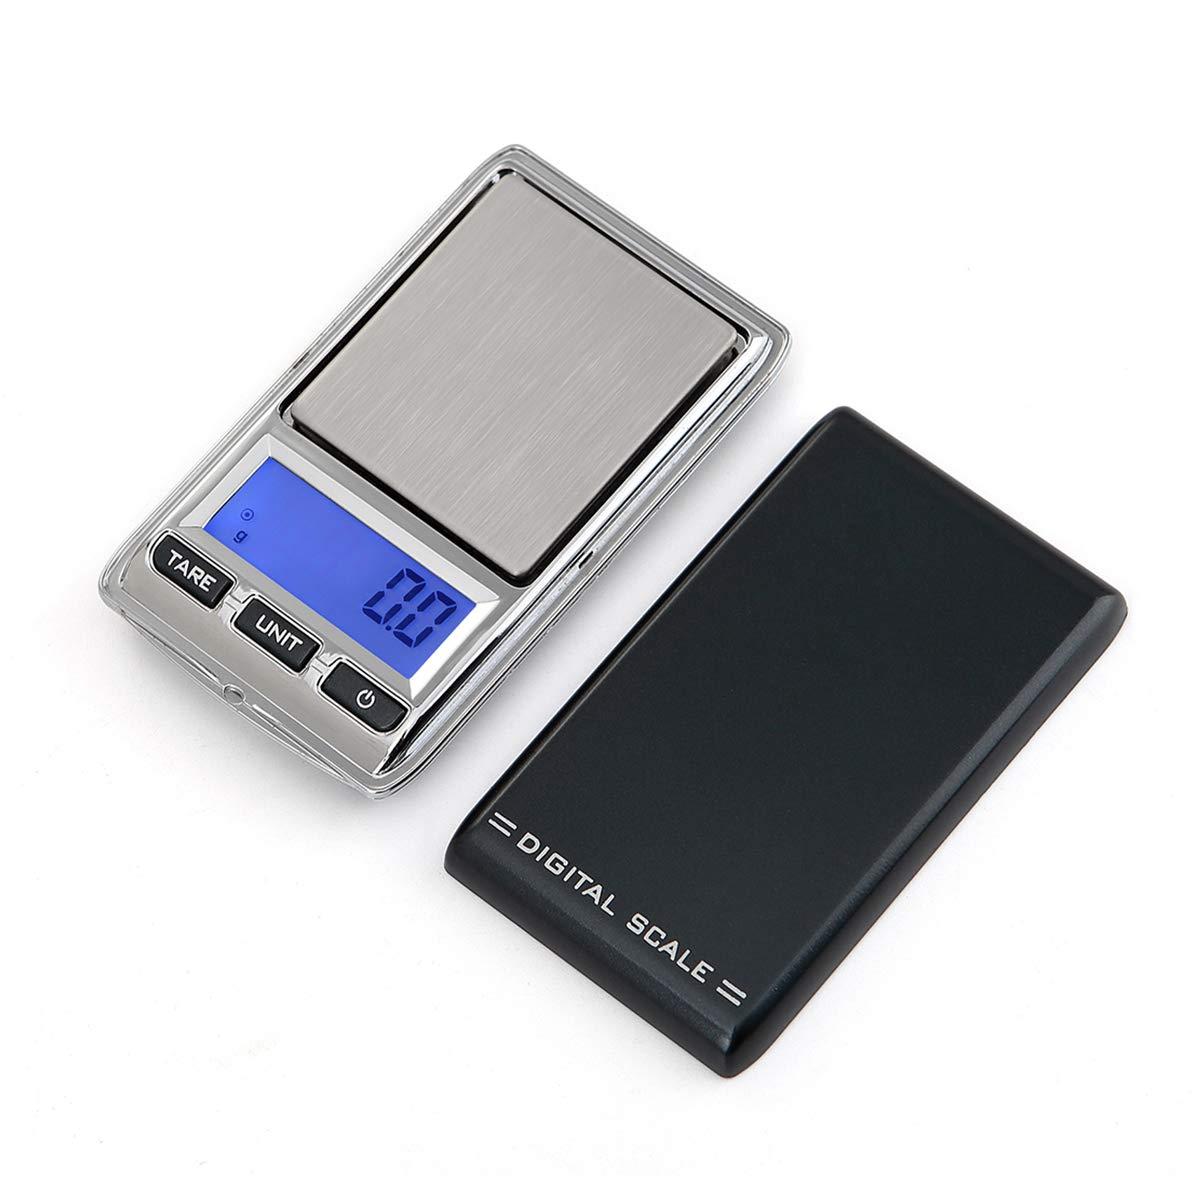 Digital de Bolsillo para Joyería con Pantalla LCD, Balanza electronica de joyas, Balanza De Precision Con Función De Contador 100g~0.01g iitrust C03085-C-BLK